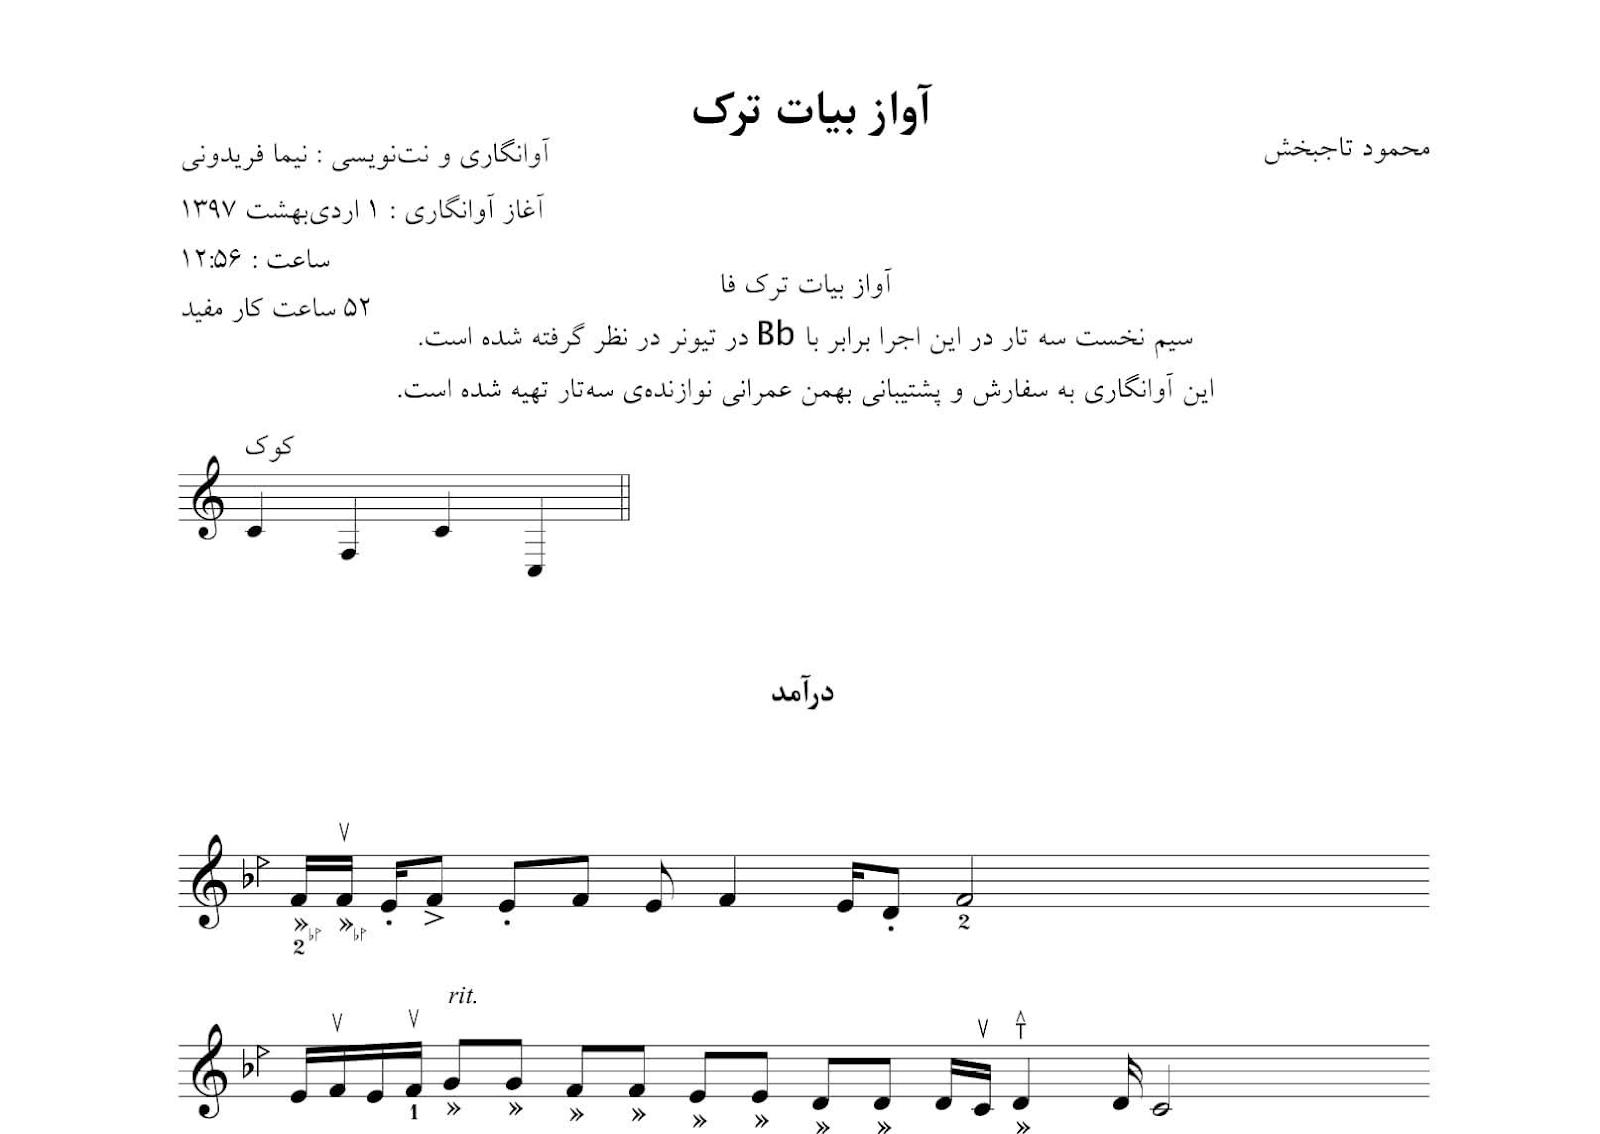 نت و آهنگ بداههنوازی آواز بیات ترک سهتار محمود تاجبخش آوانگاری و نتنویسی نیما فریدونی